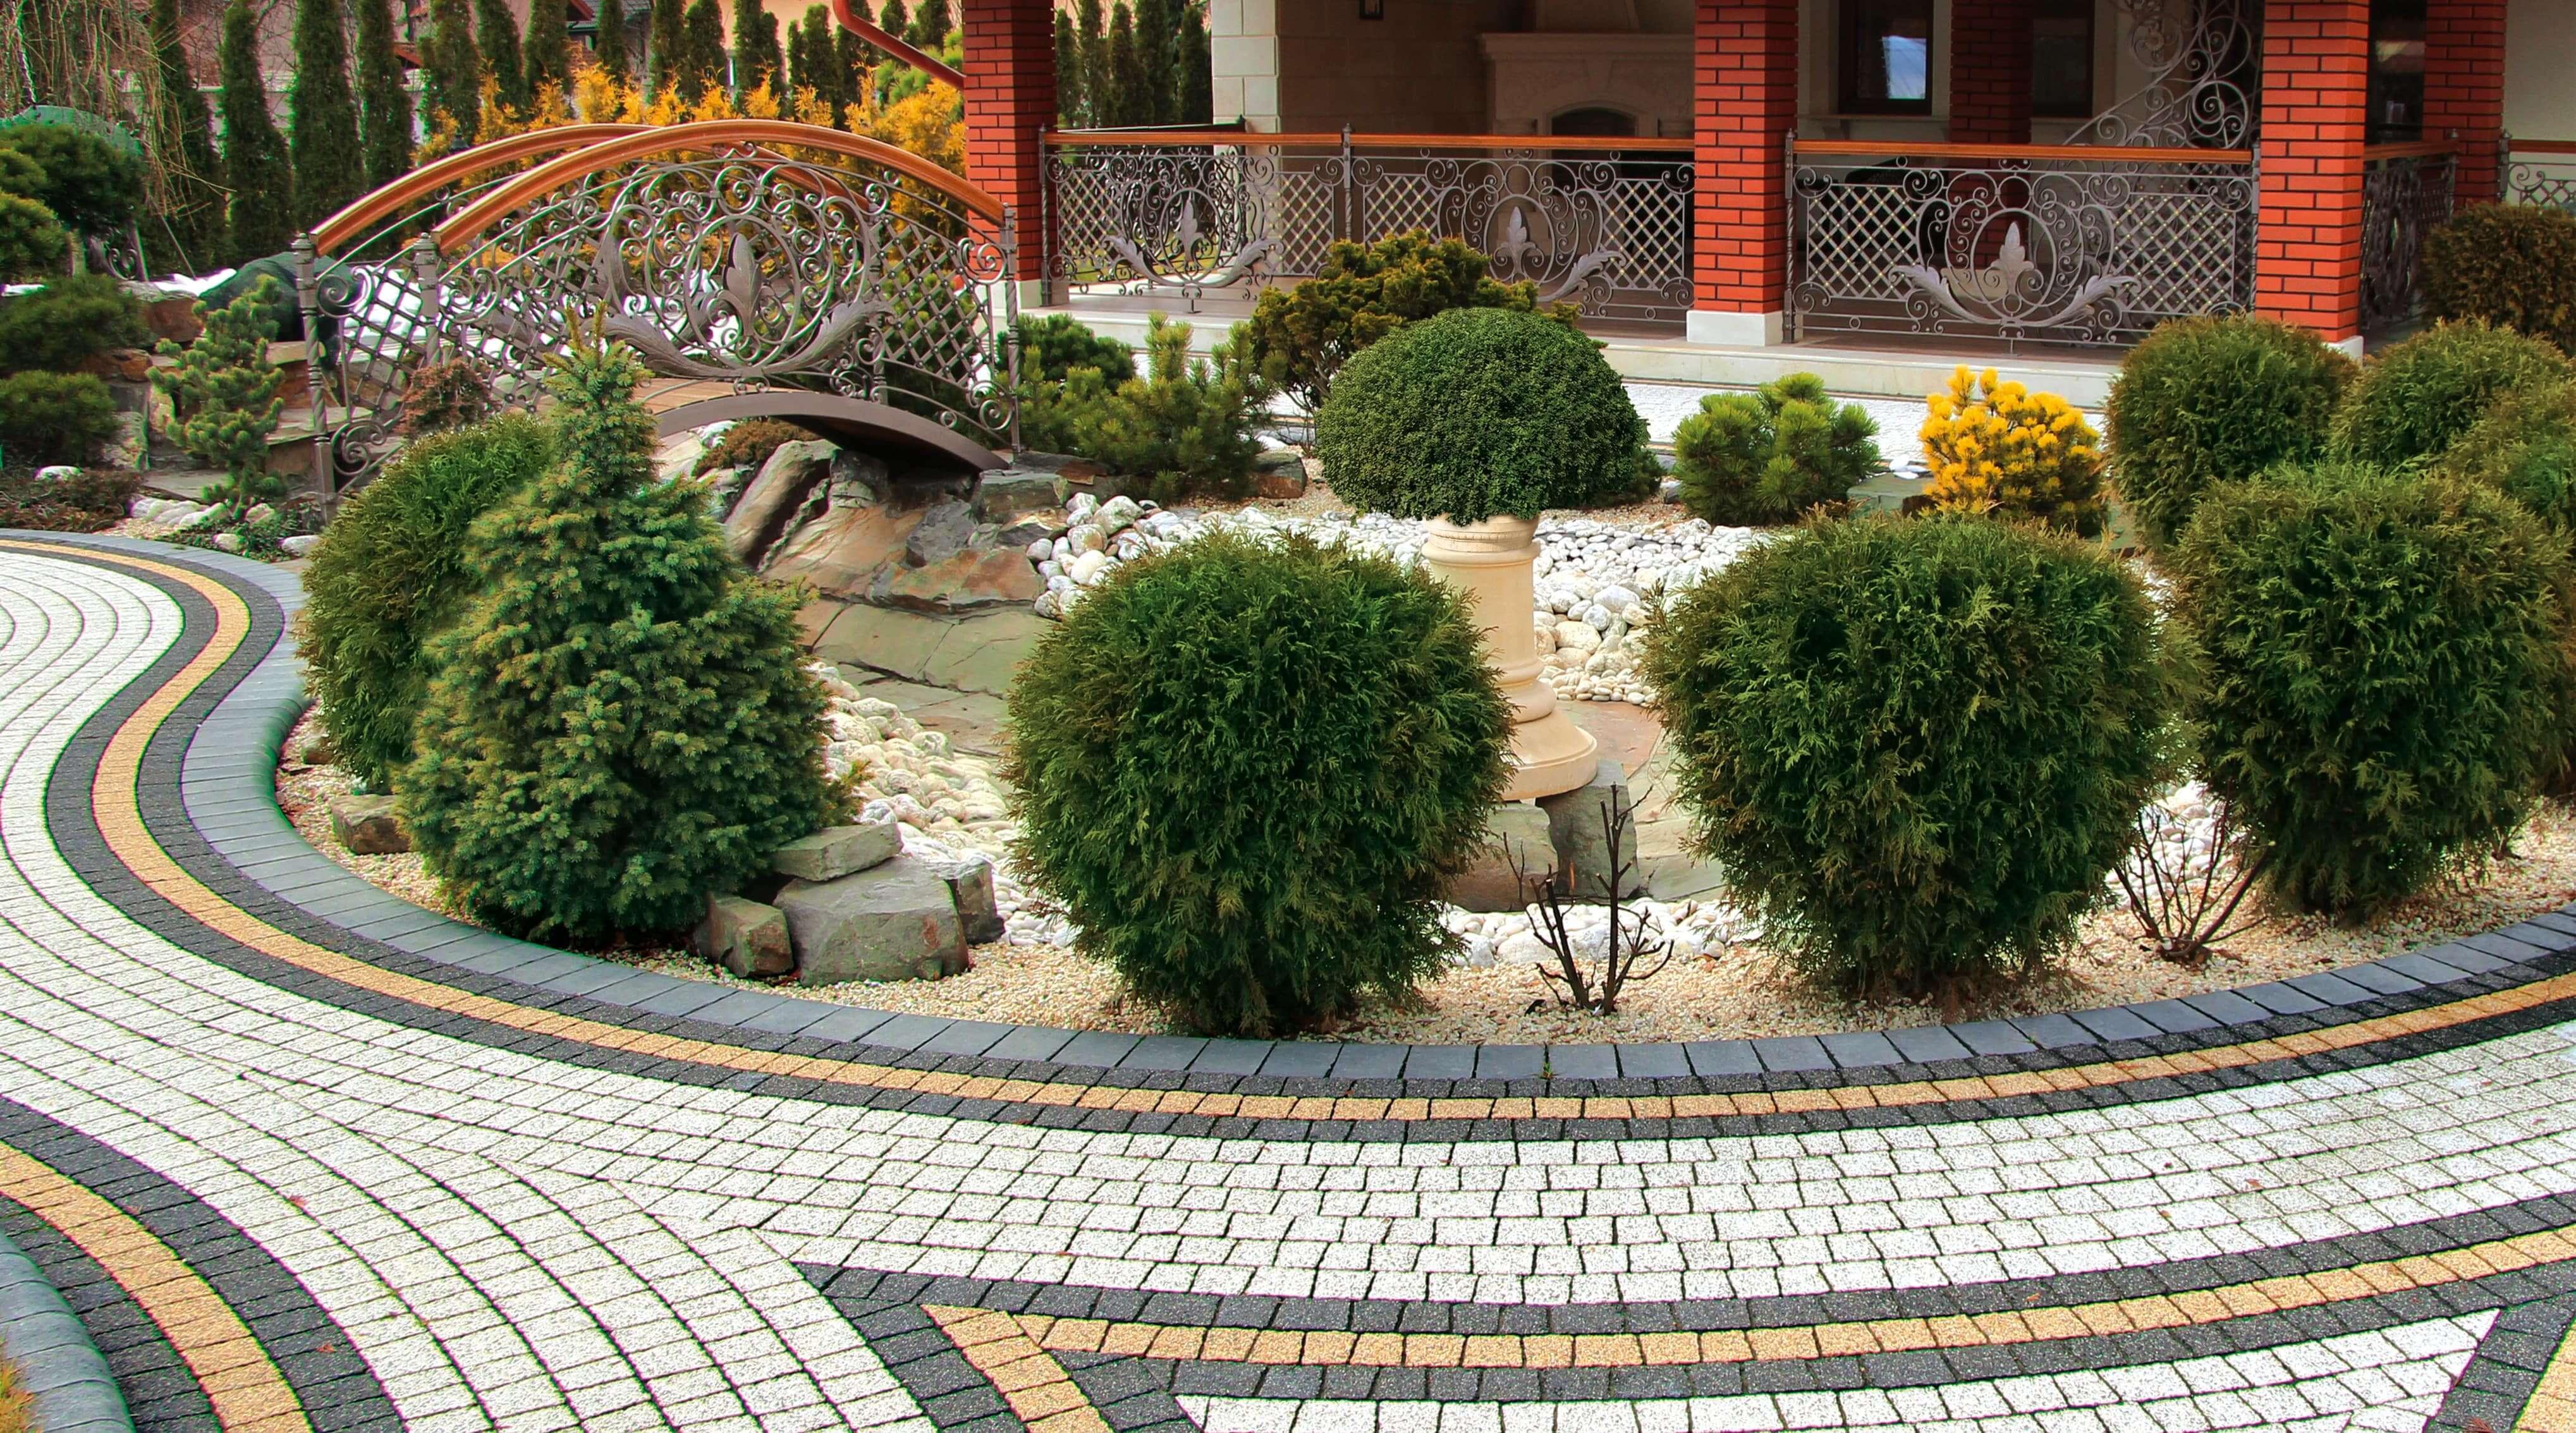 Укладка тротуарной плитки от салона тротуарной плитки «Melius» Винница